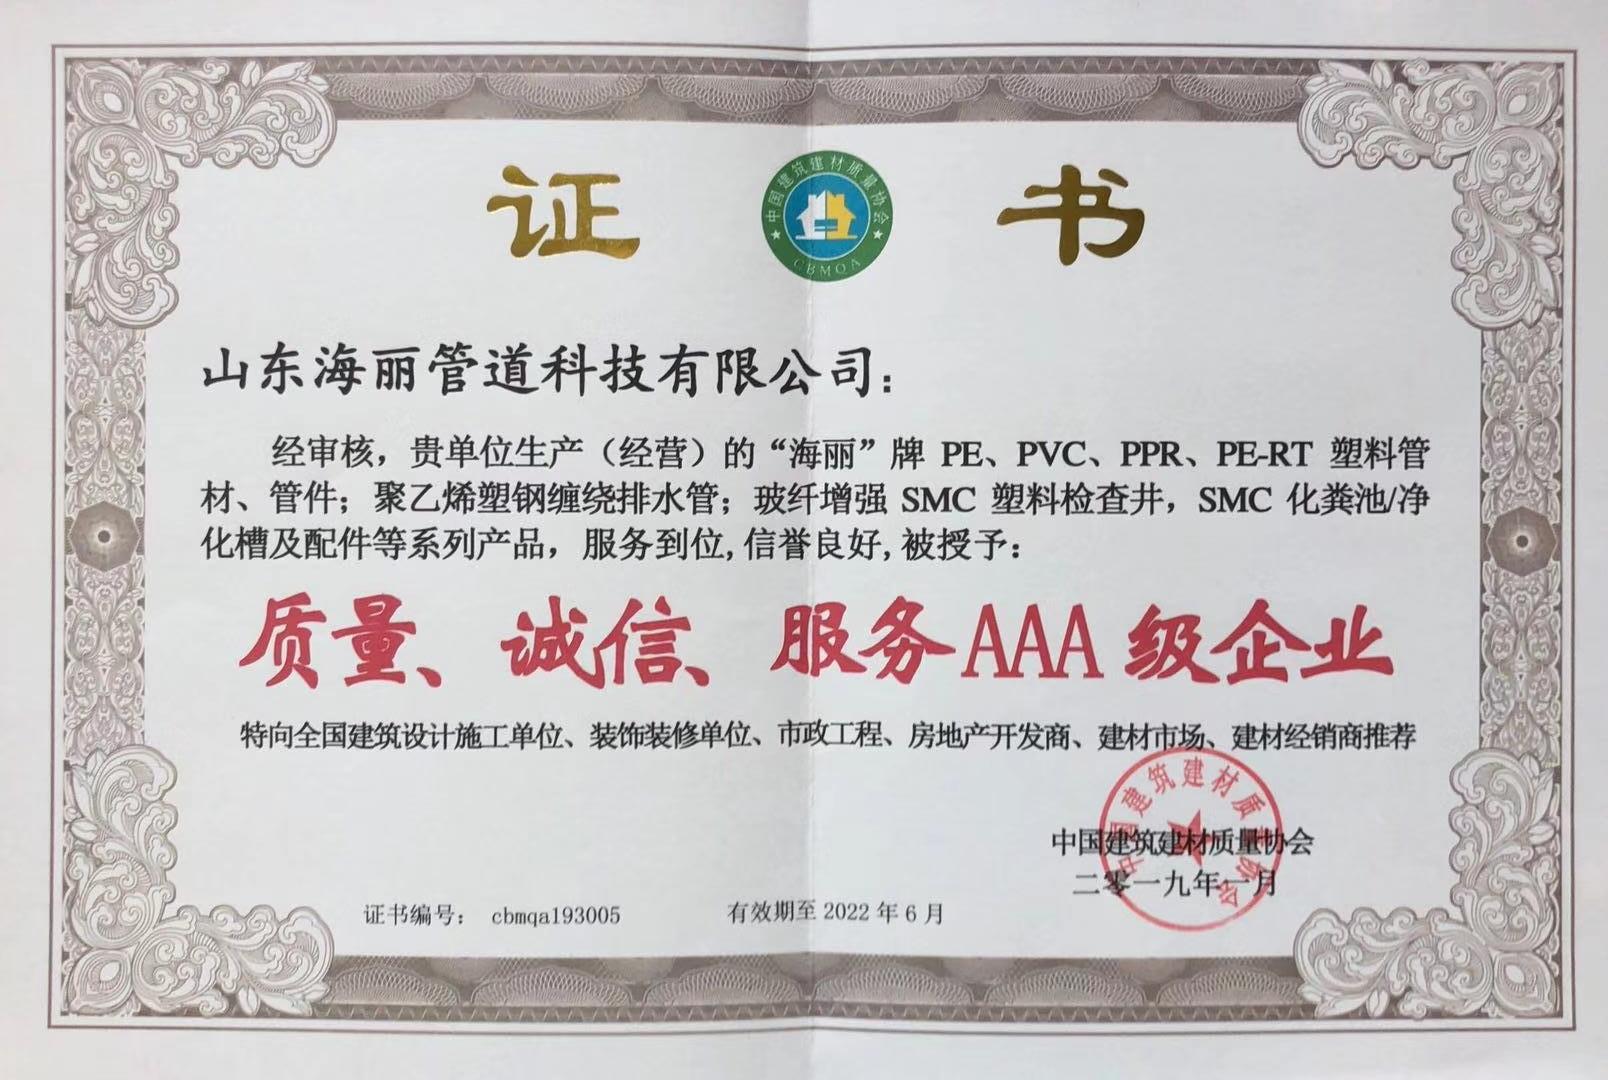 质量诚信服务AAA级企业_201901